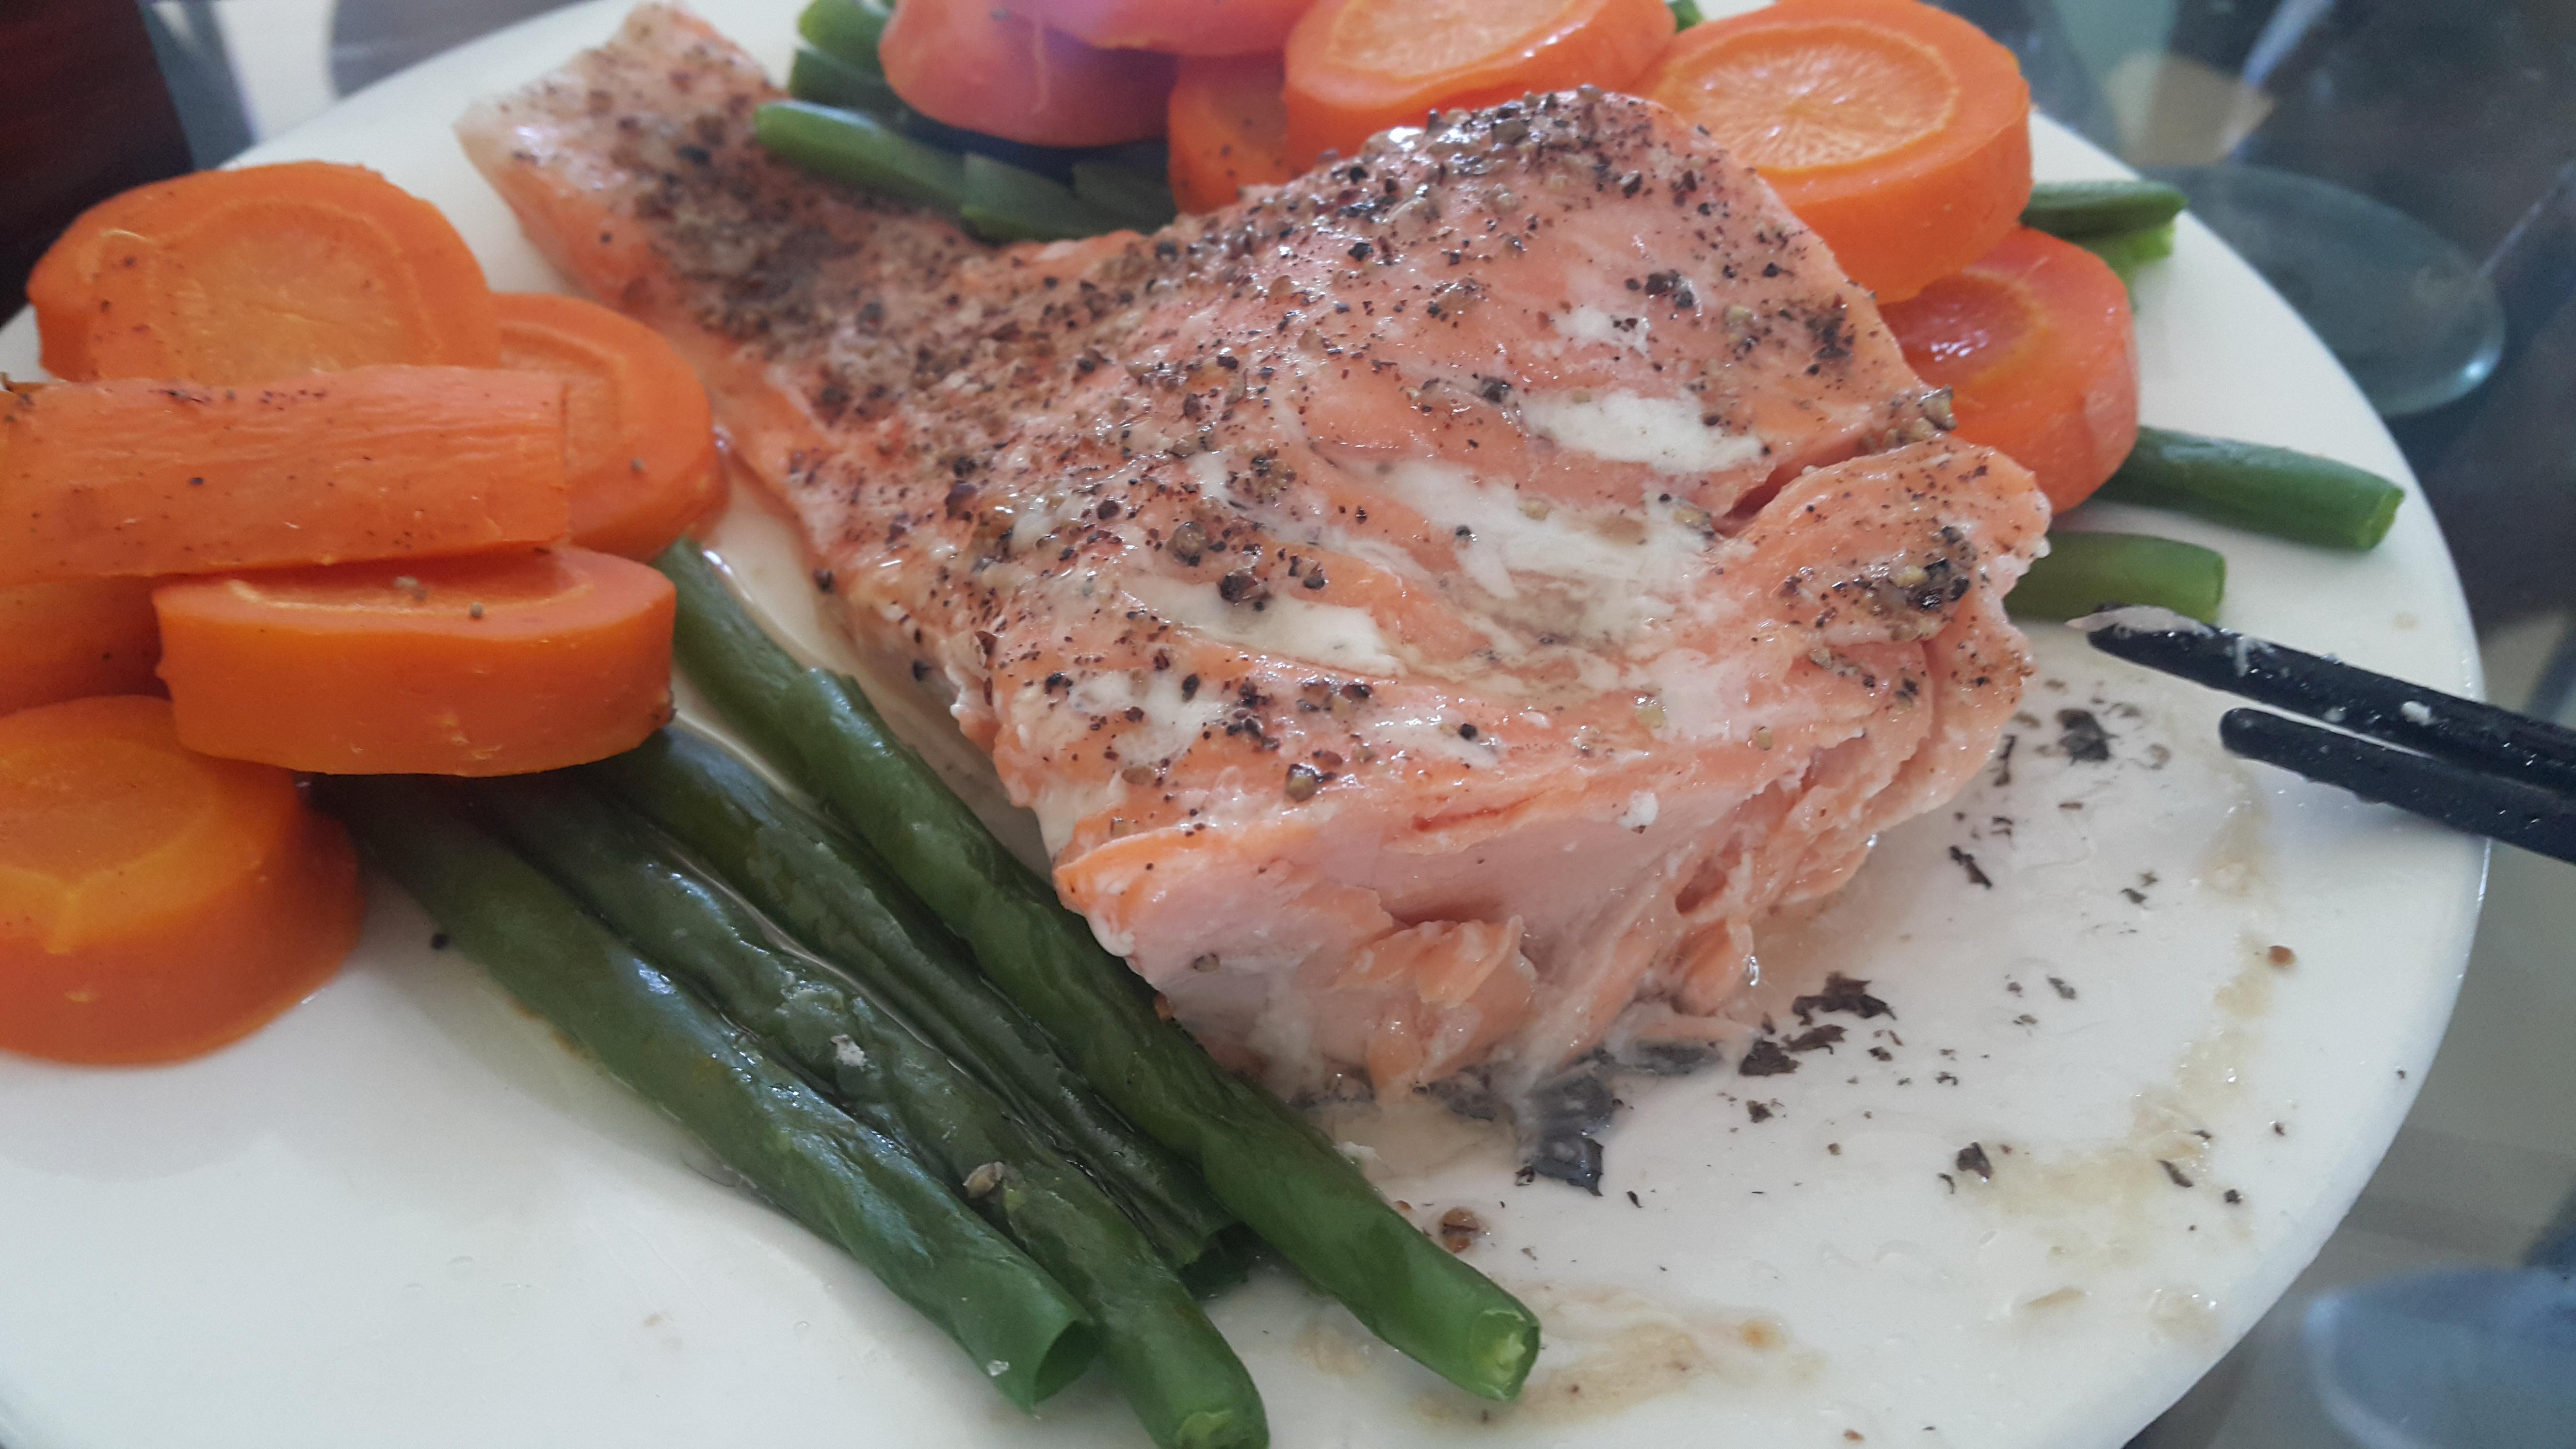 Món cá hồi thịt đỏ hồng được nhiều người chuộng. Nếu nấu sous vide (một loại nồi có nhiệt độ cố định, thấp, thức ăn được cho vào túi nylon hút chân không), màu thịt sẽ giữ nguyên còn đỏ hơn nữa. Ảnh: Ngữ Yên